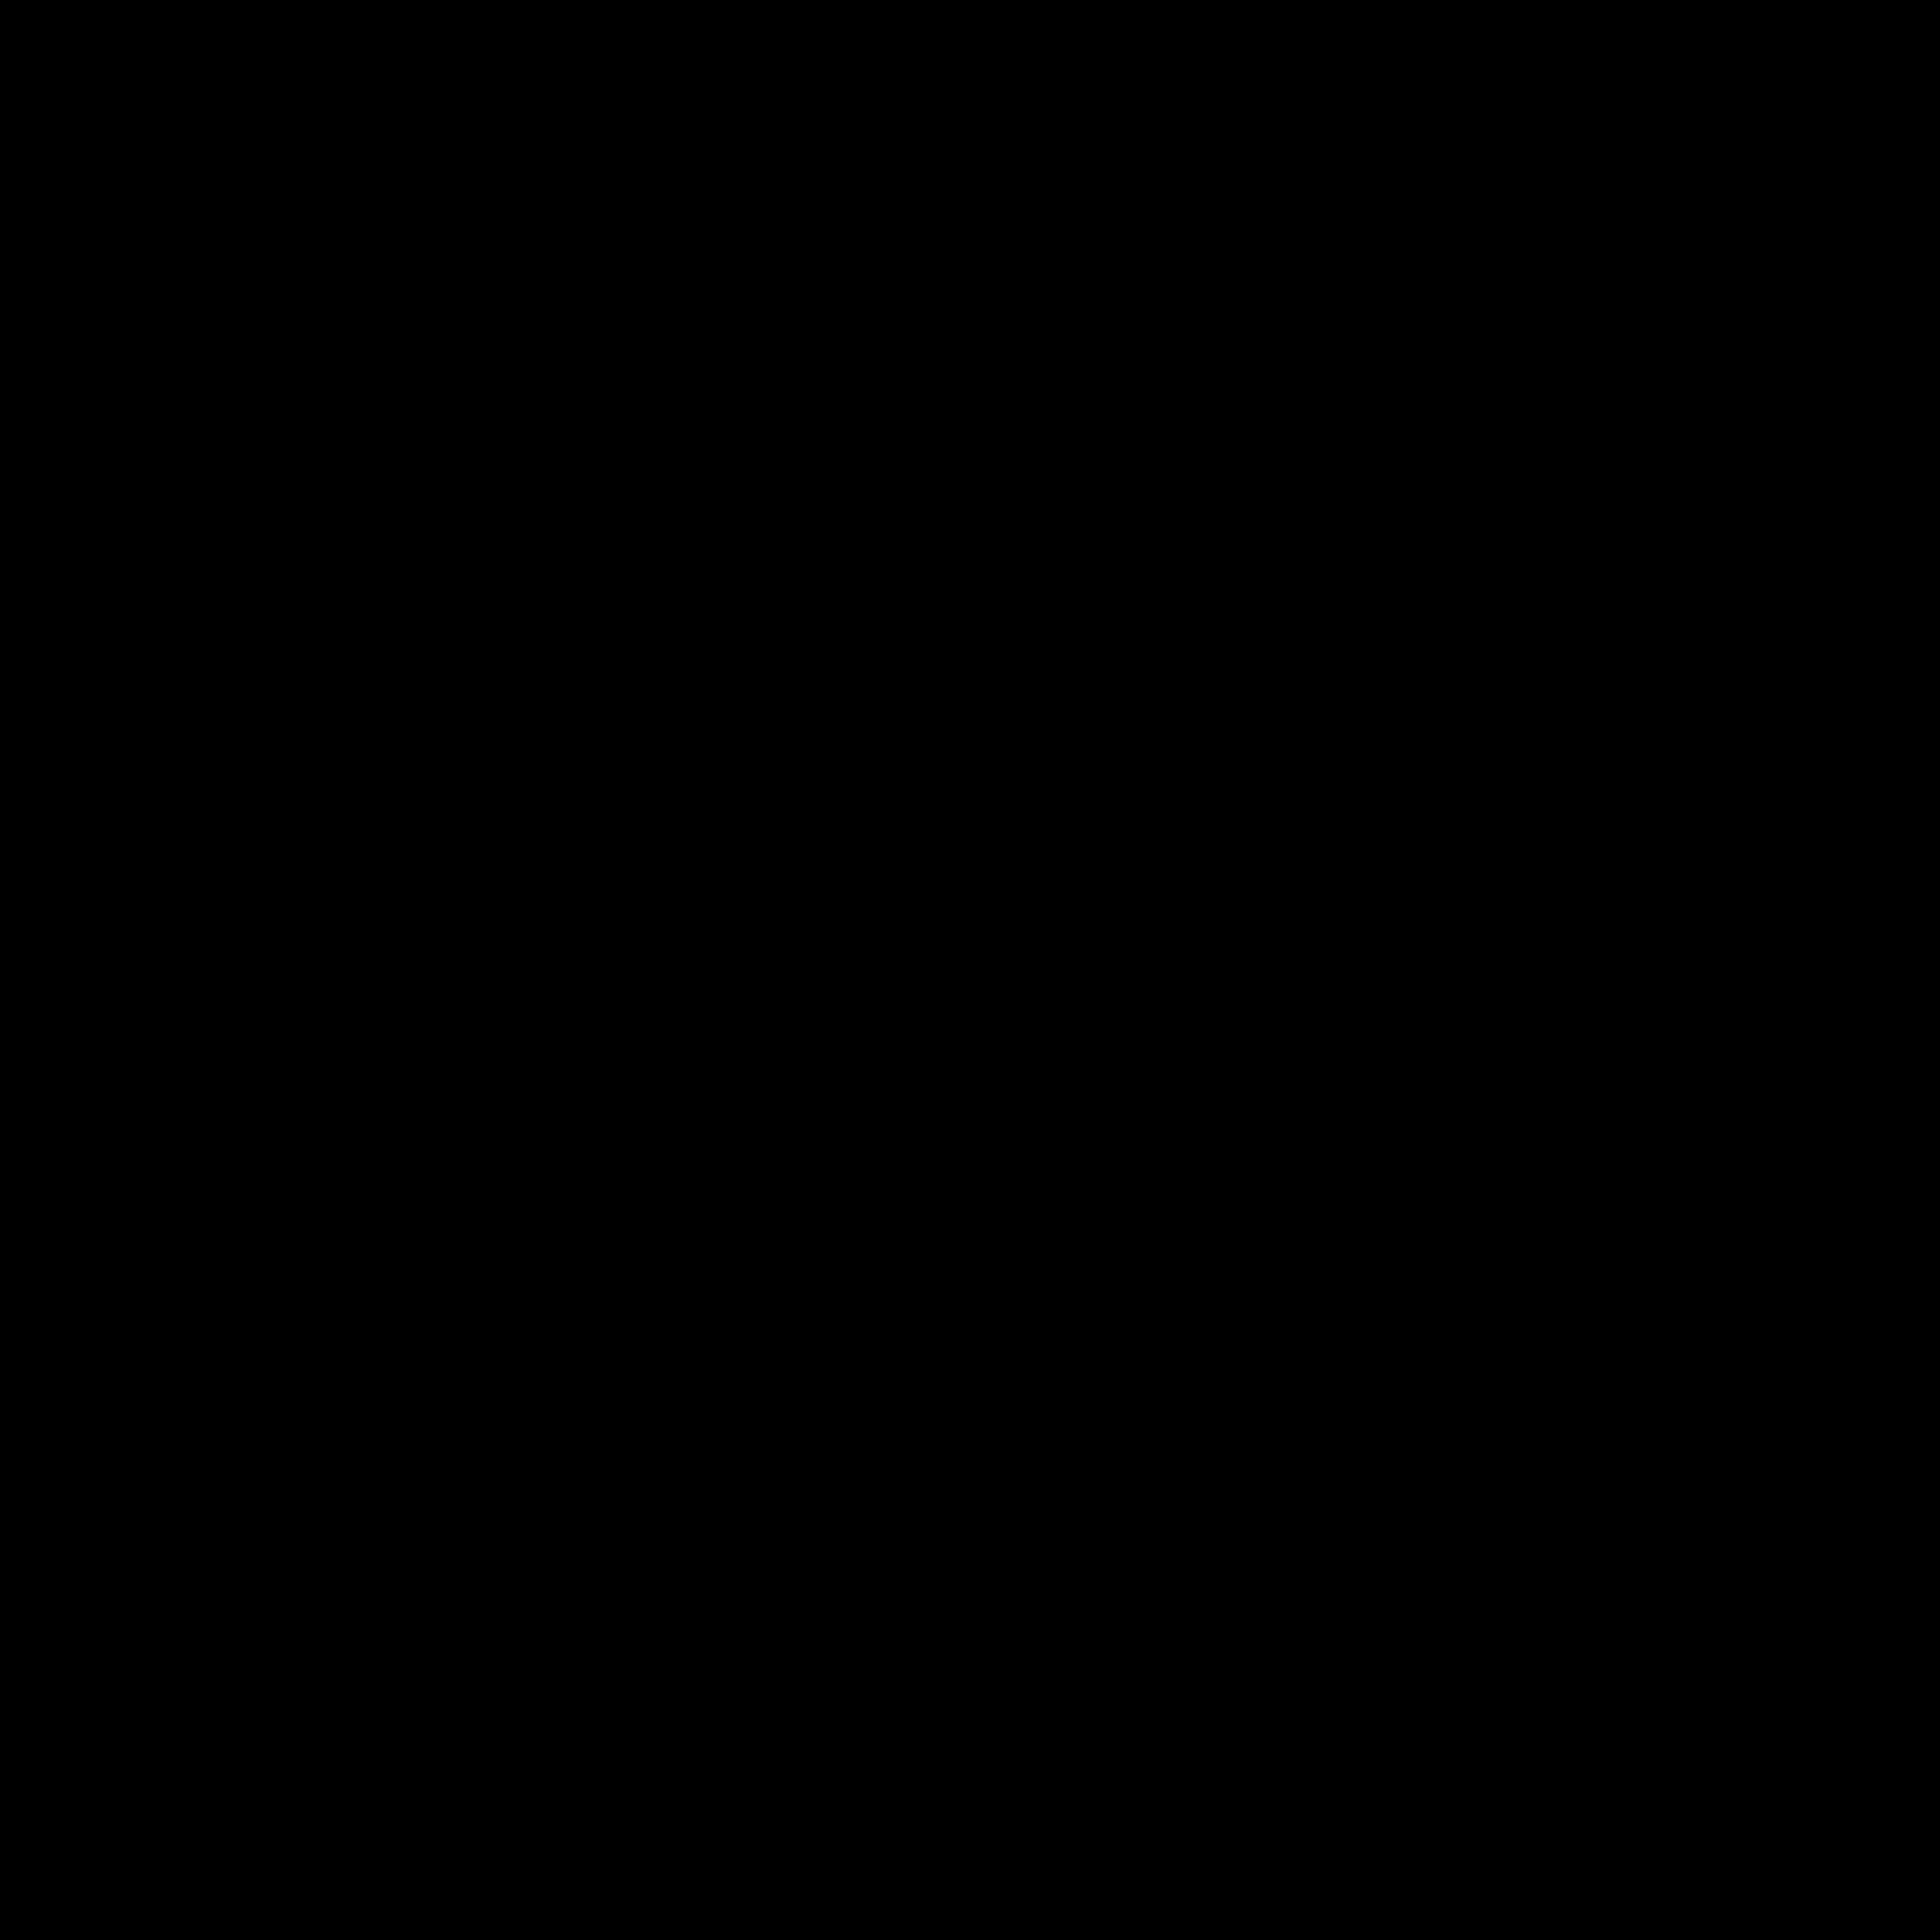 O.R.S. Lek en Linge Culemborg, havo logo